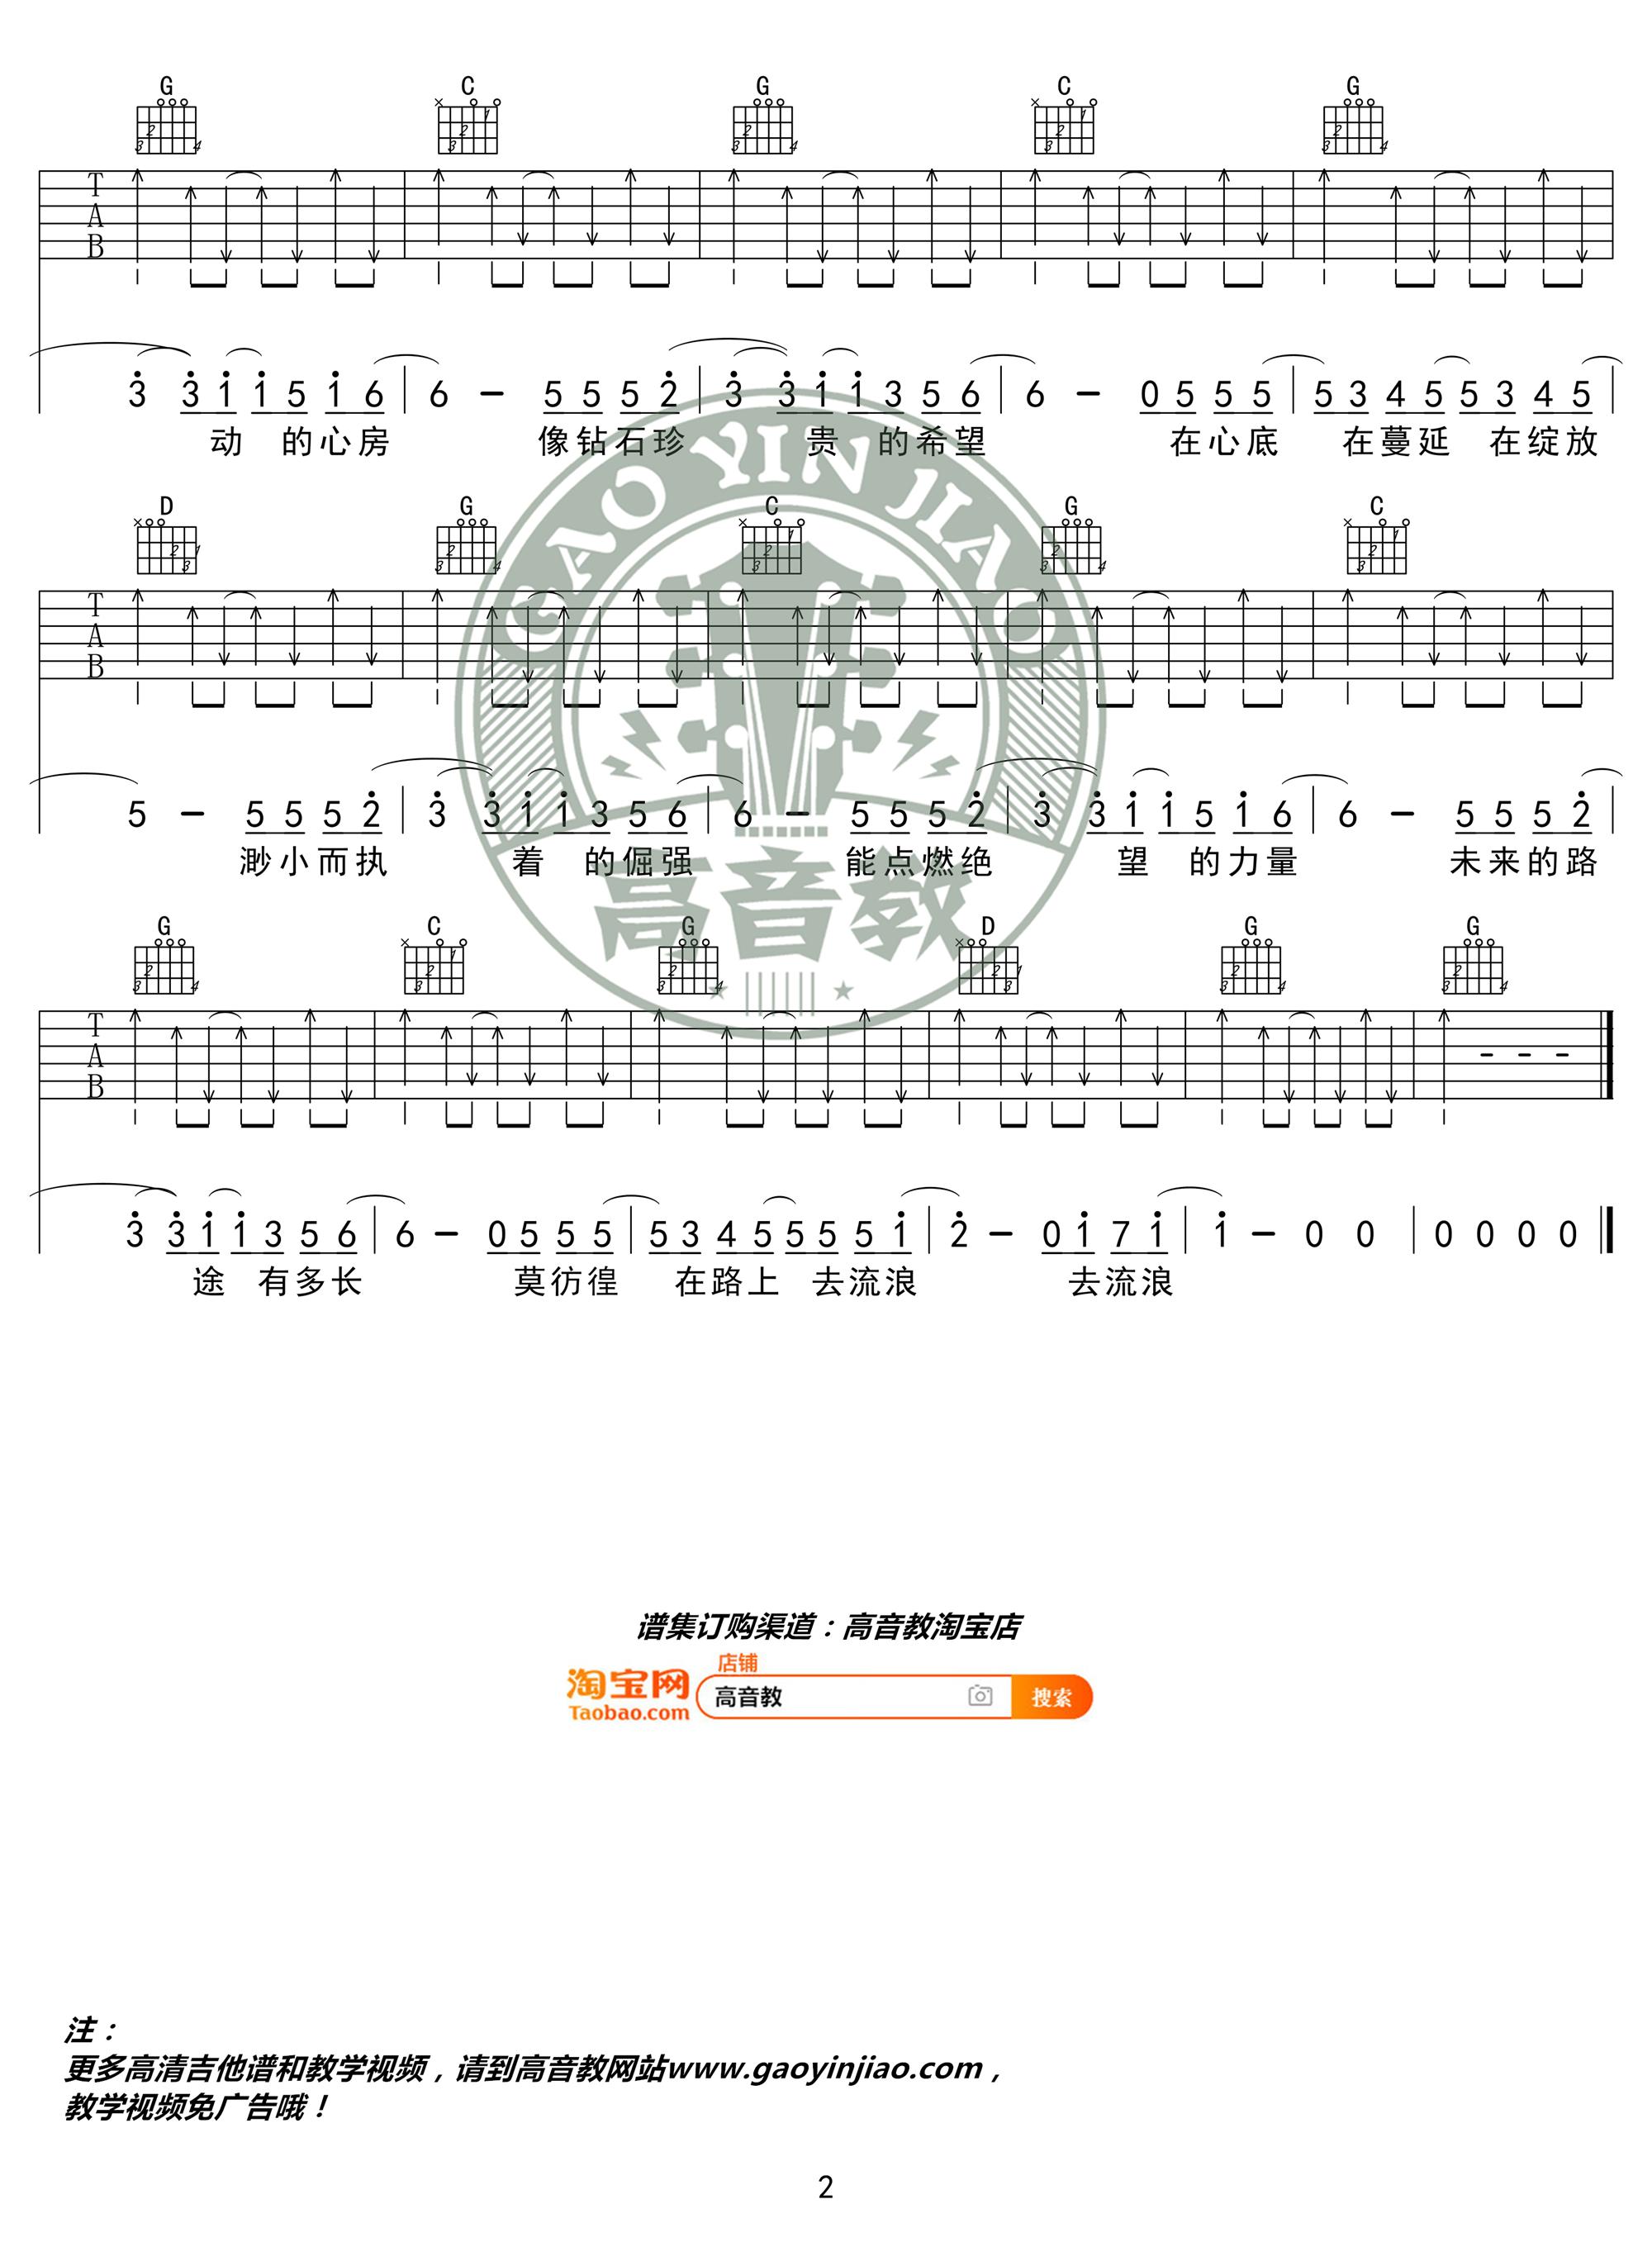 《去流浪》吉他谱G调精华版 周笔畅 高音教编配 流浪地球推广曲-C大调音乐网